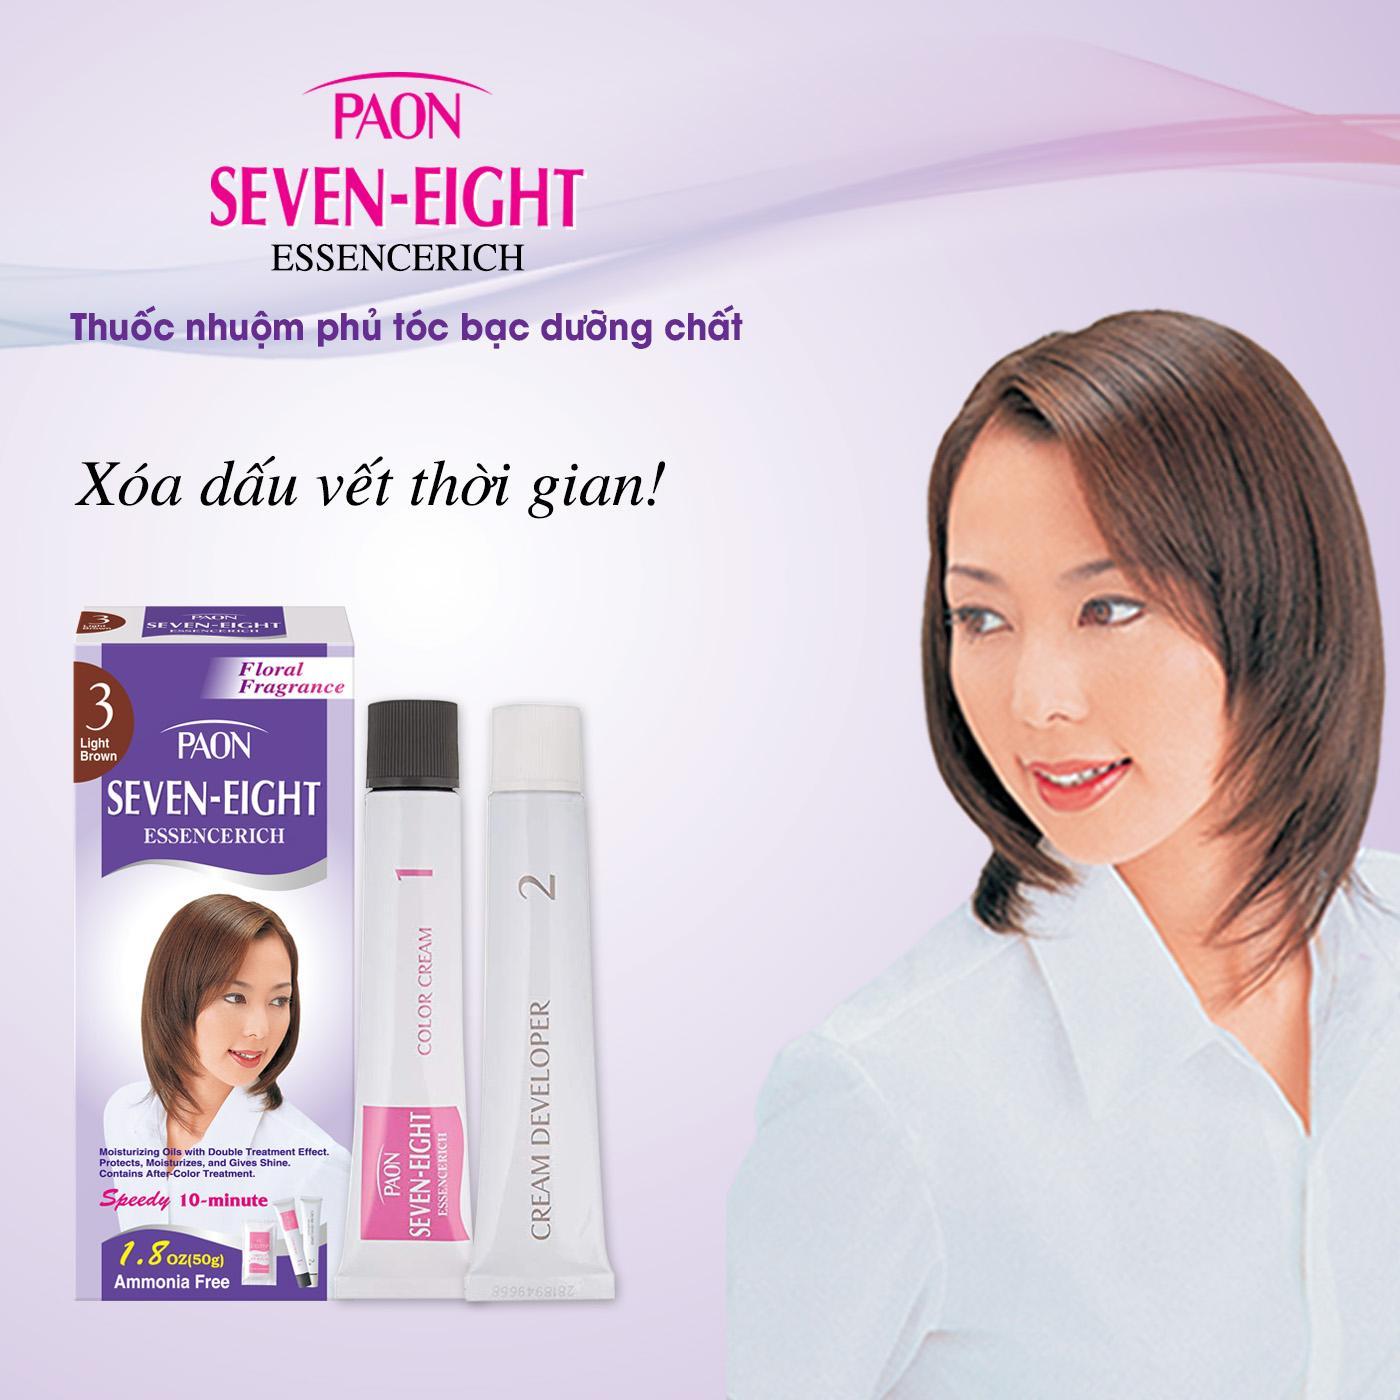 Thuốc nhuộm phủ tóc bạc dưỡng chất hương hoa cỏ SEVEN-EIGHT ESSENCERICH - NHẬT BẢN- số 3 Light Brown - Nâu sáng